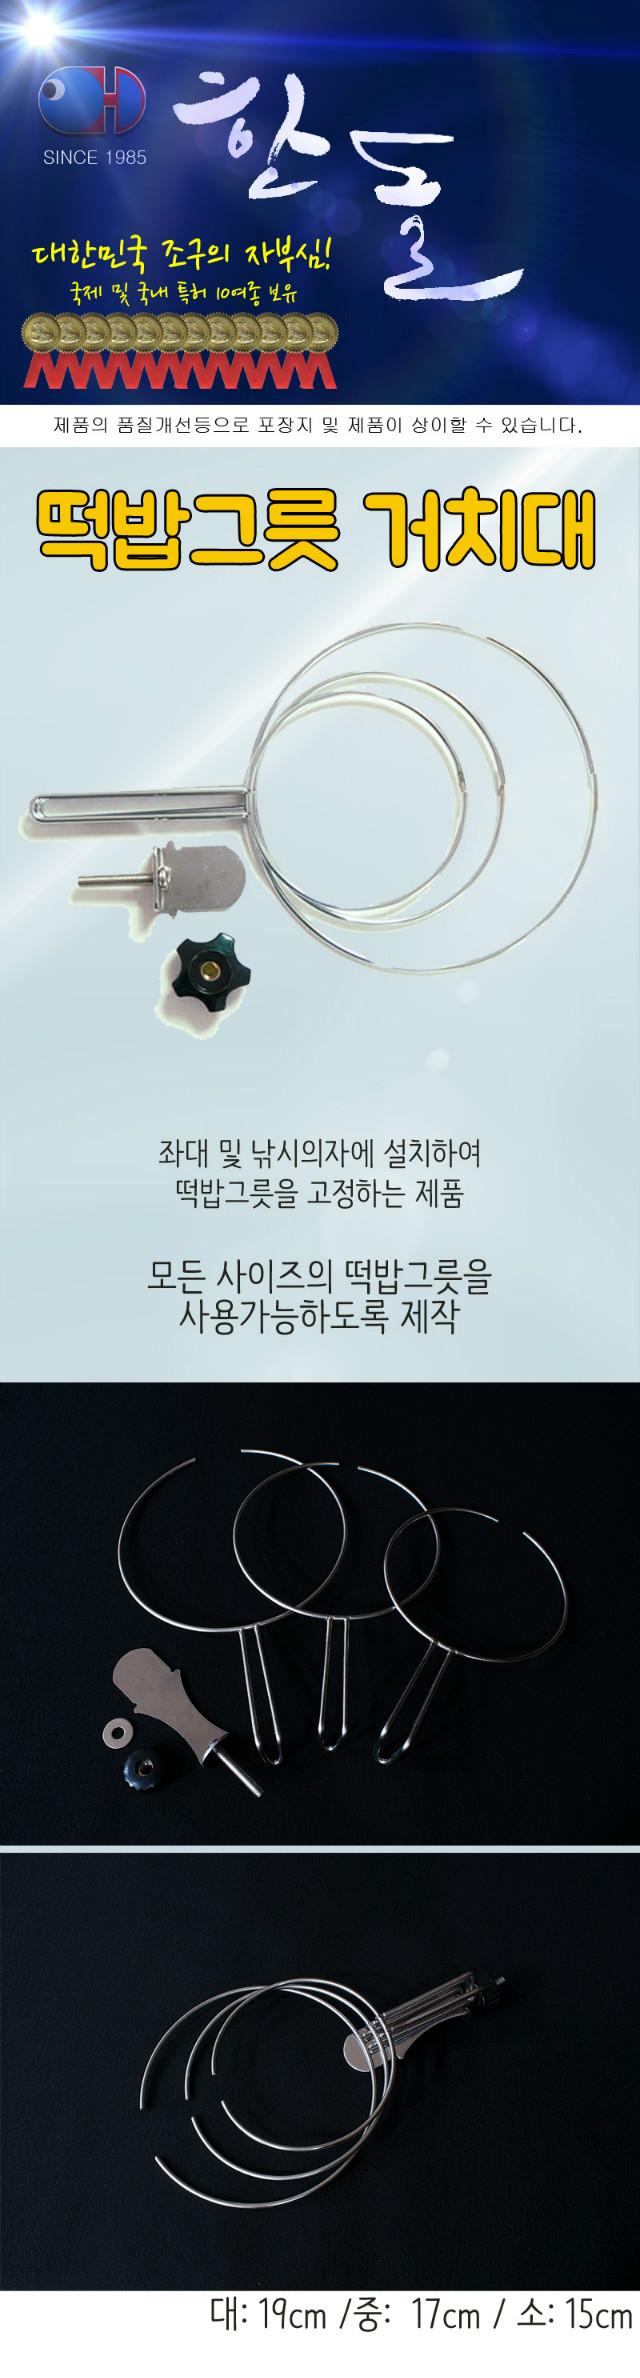 떡밥그릇거치대.jpg